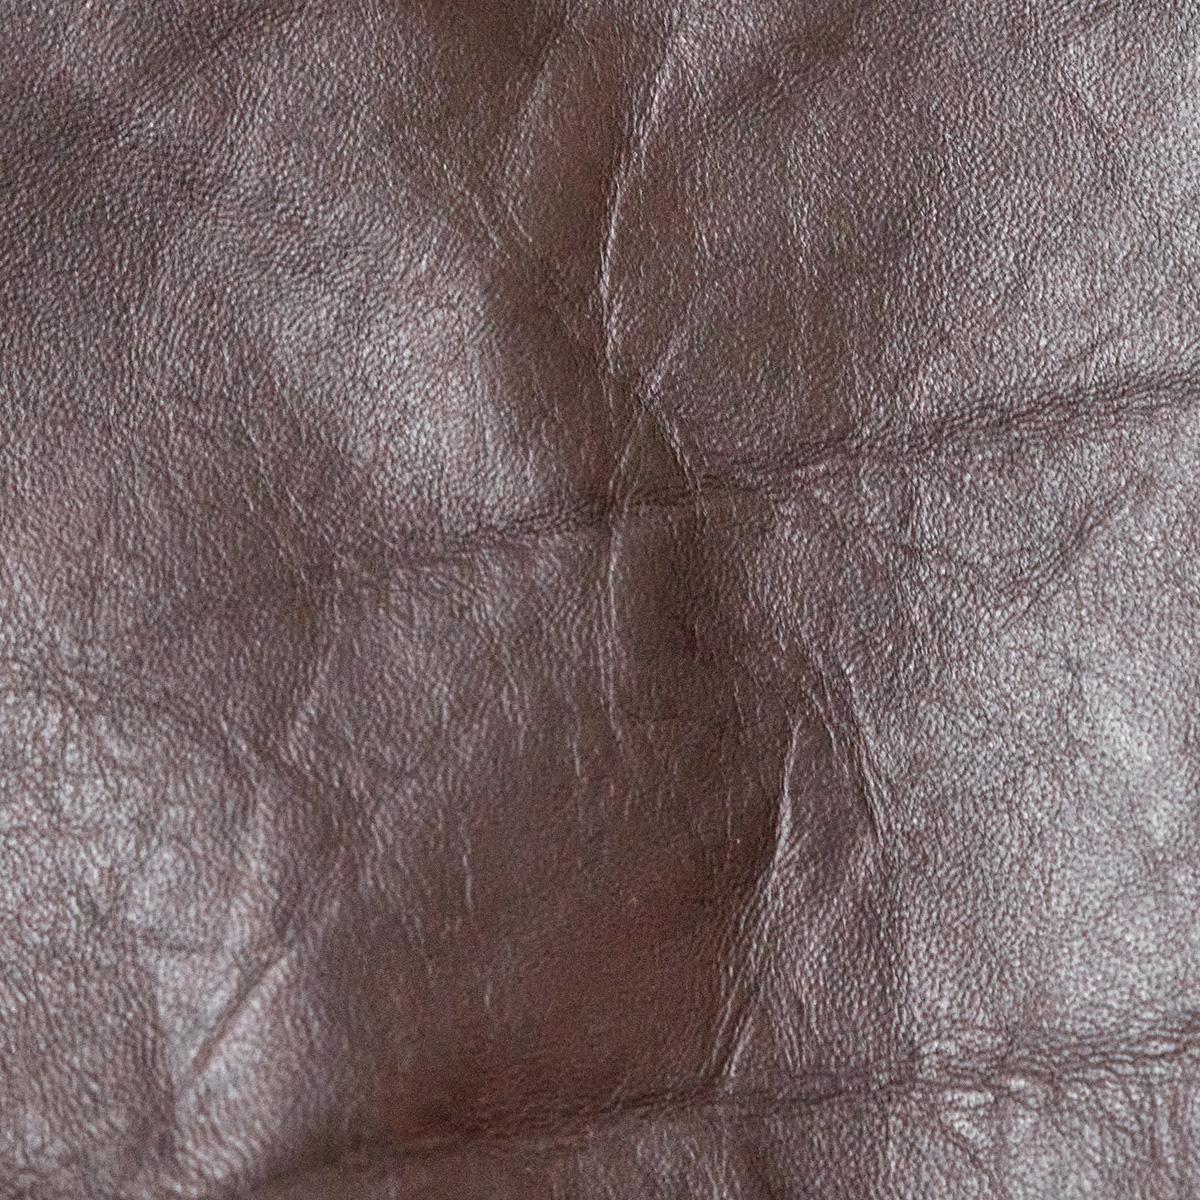 Seal brown horsehide